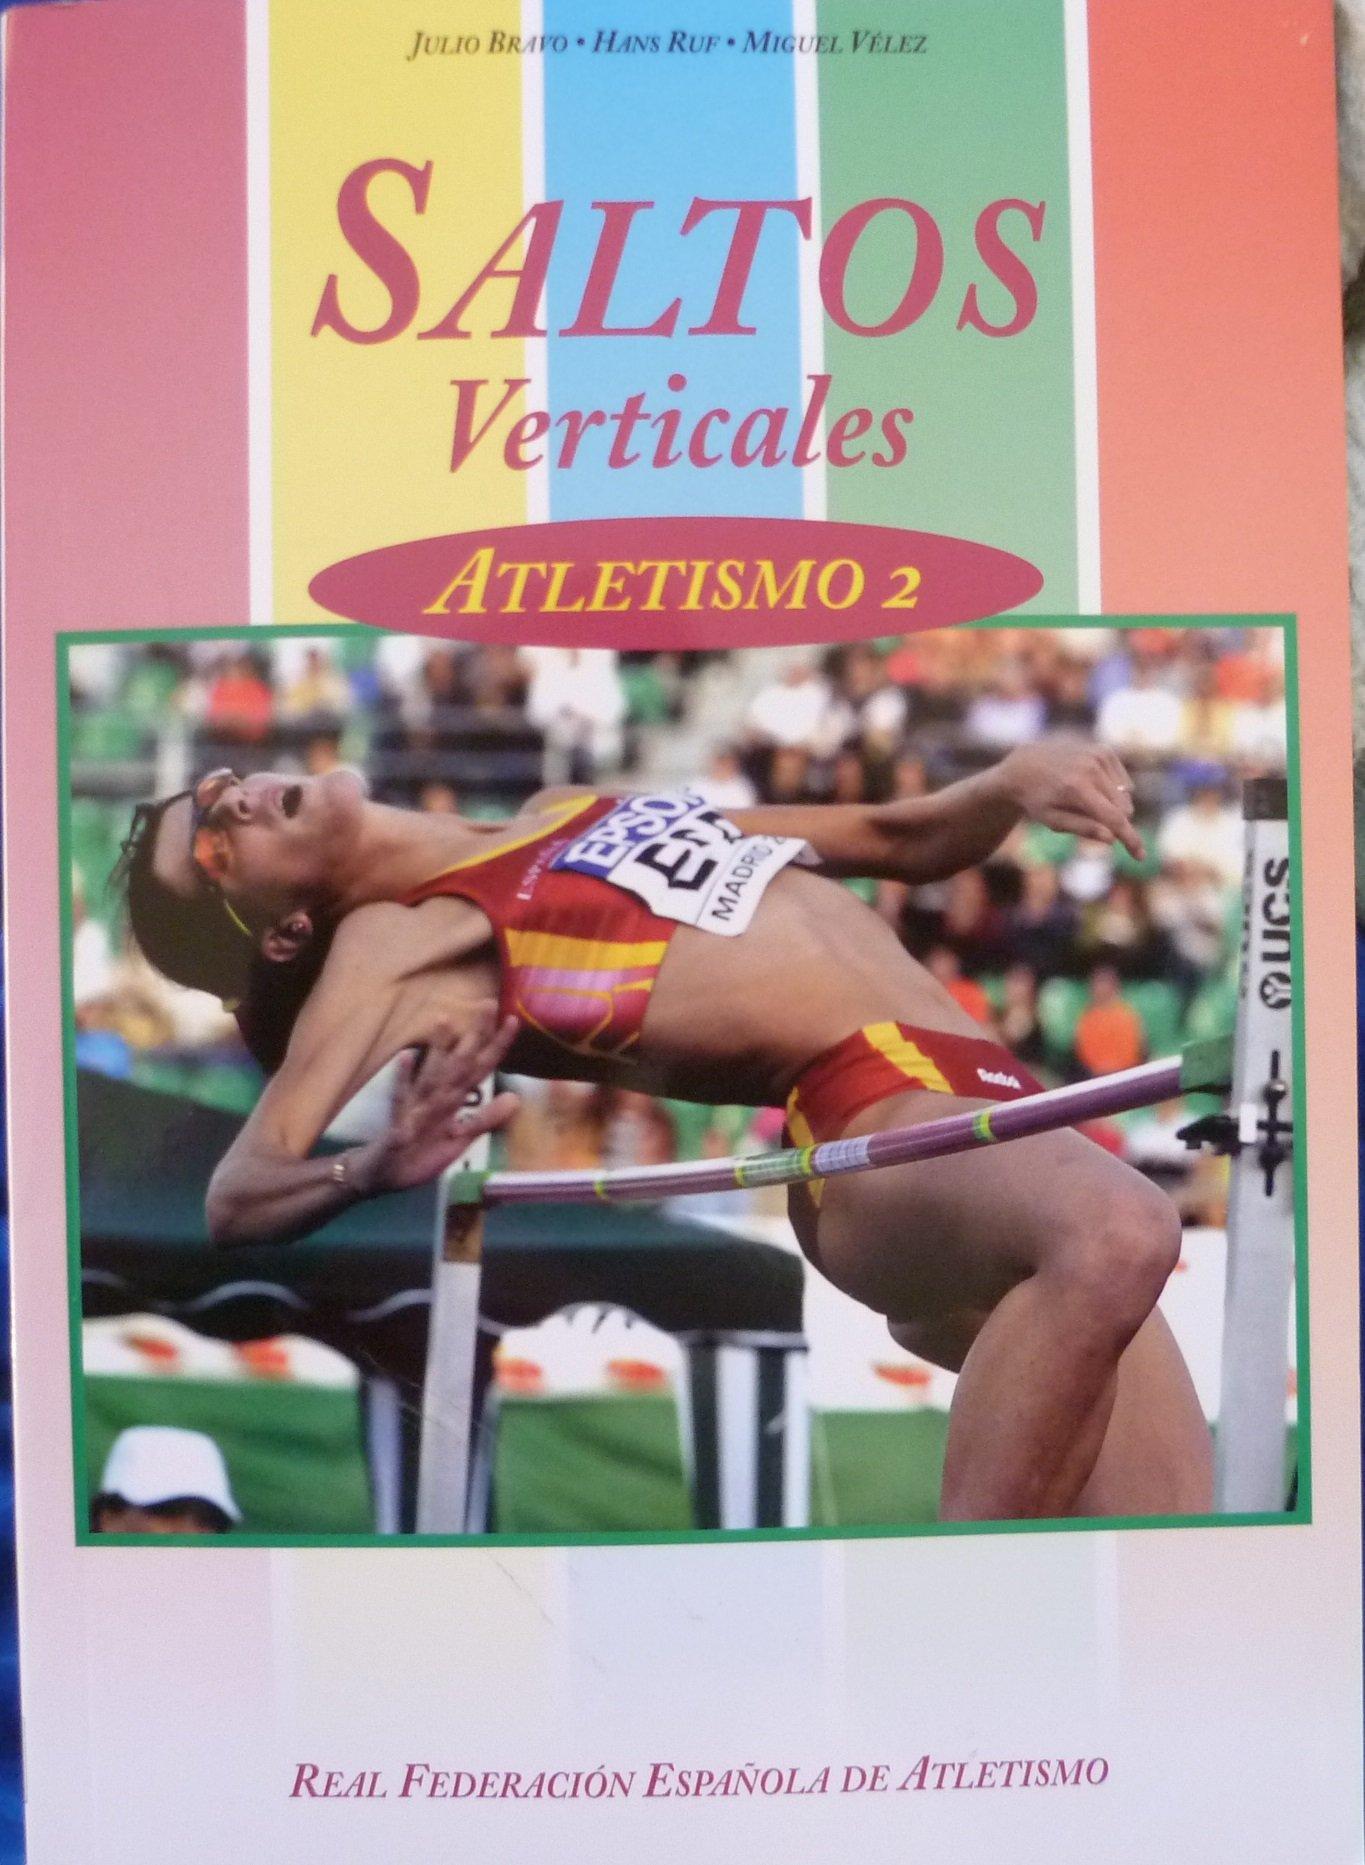 Saltos verticales. atletismo 2: Amazon.es: Bravo, Julio: Libros